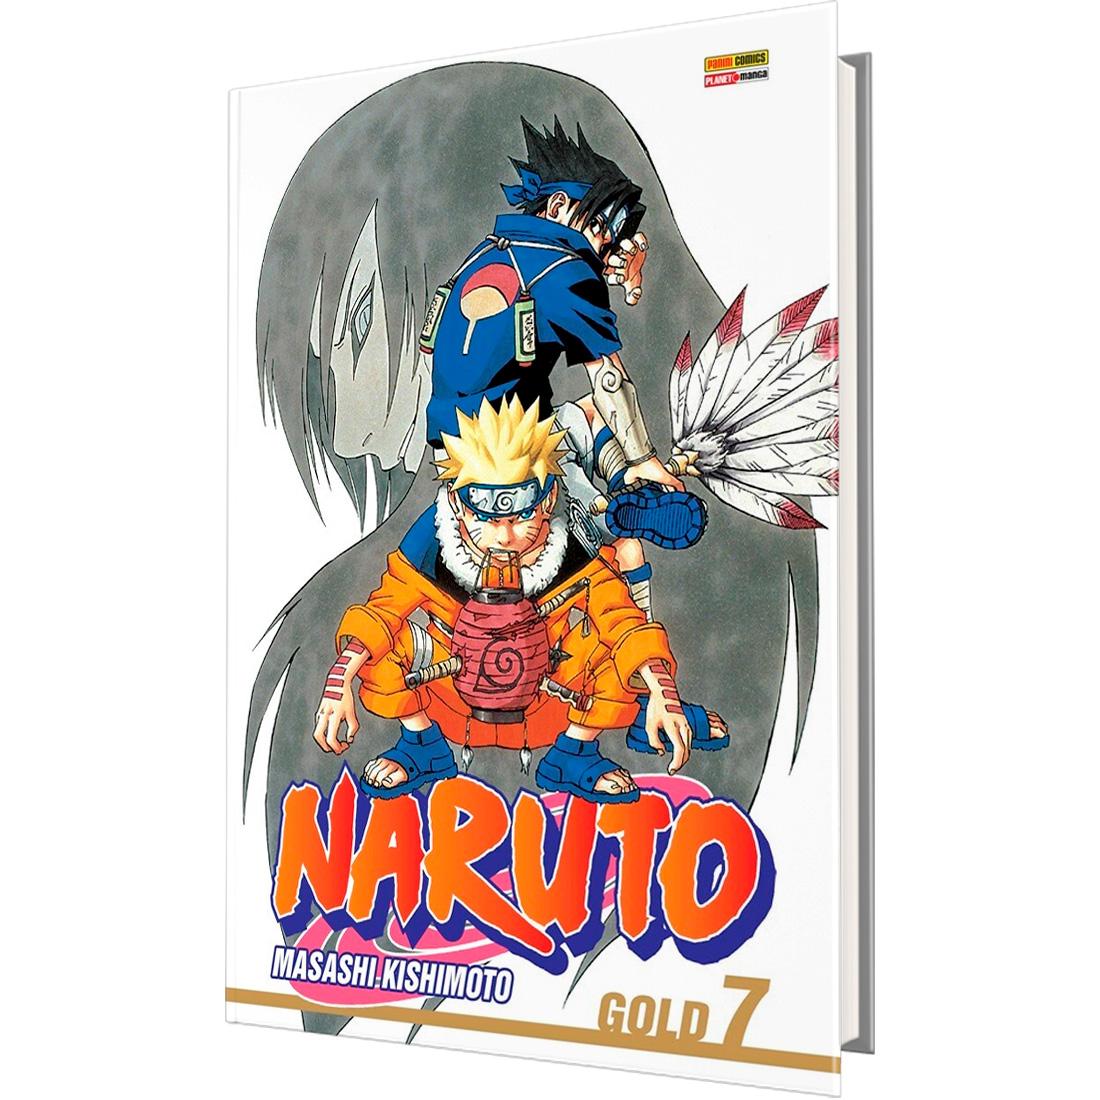 Naruto Gold Vol. 7